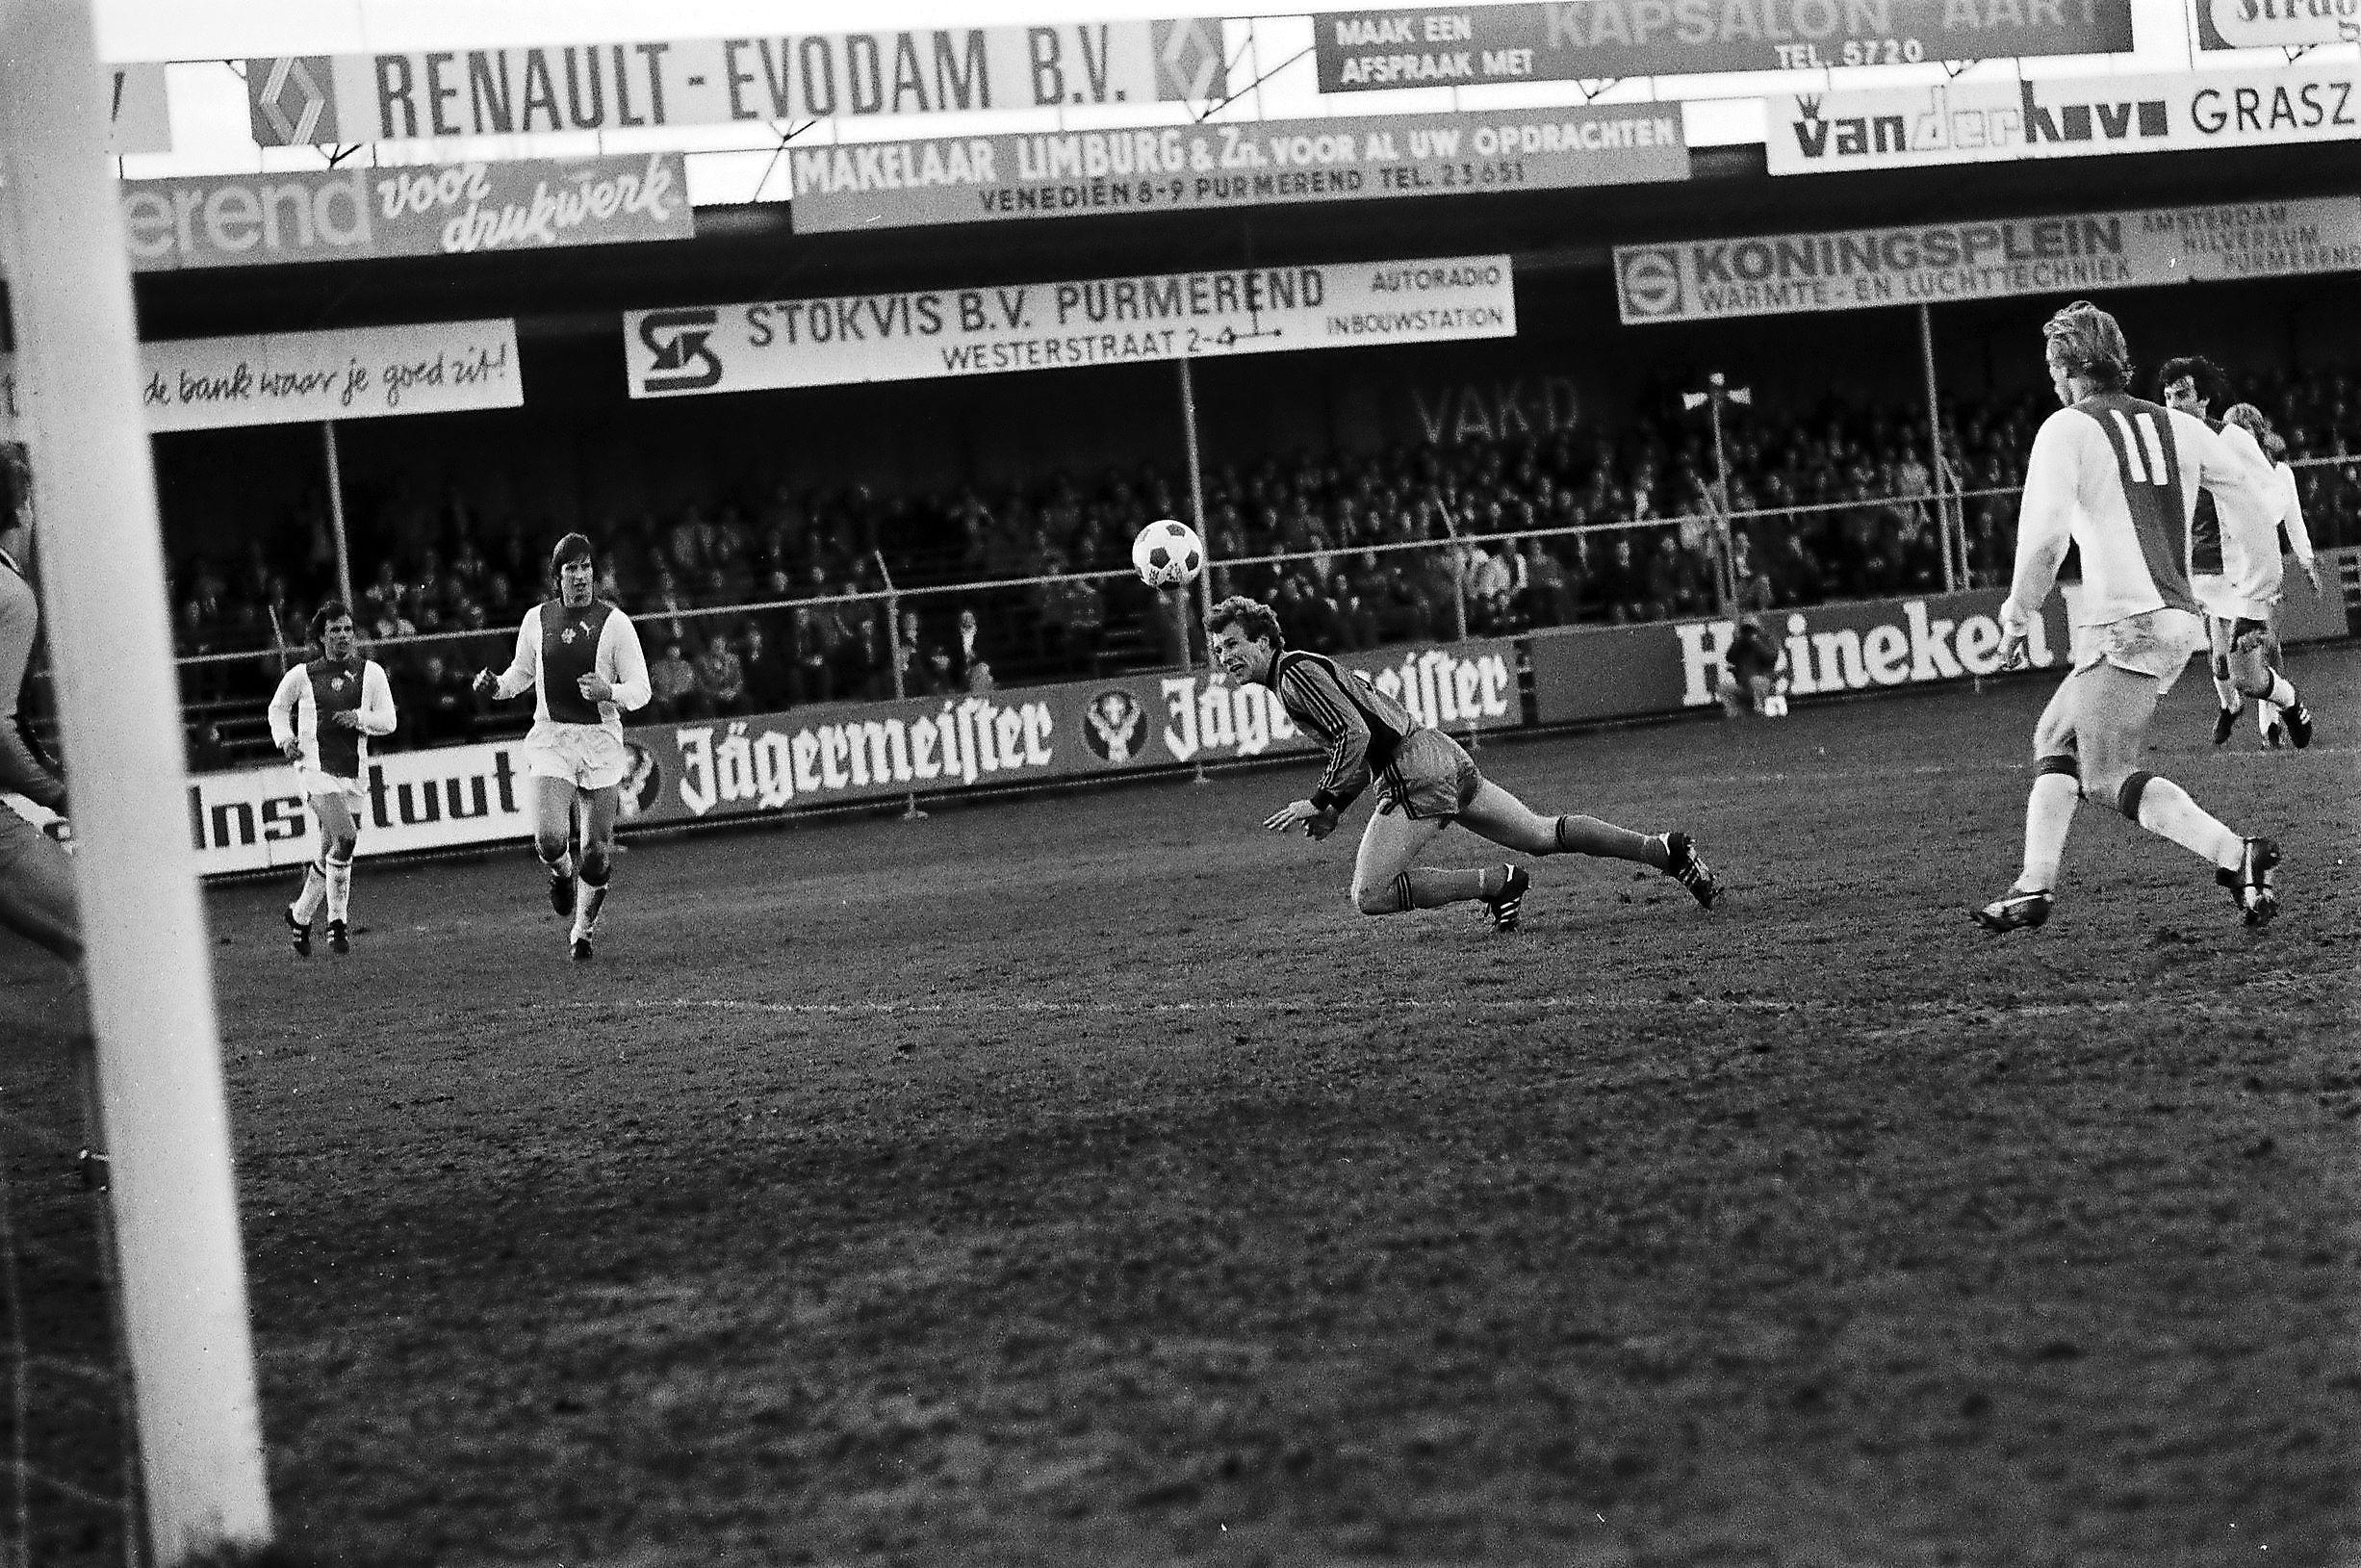 De Volendamse Beckenbauer nam op een bijzondere manier afscheid van Ajax: 'Geen telefoontje, niks. Ik ben gewoon niet meer gegaan' | Nummer 30 in de Top 50 beste Volendamse voetballers [video]